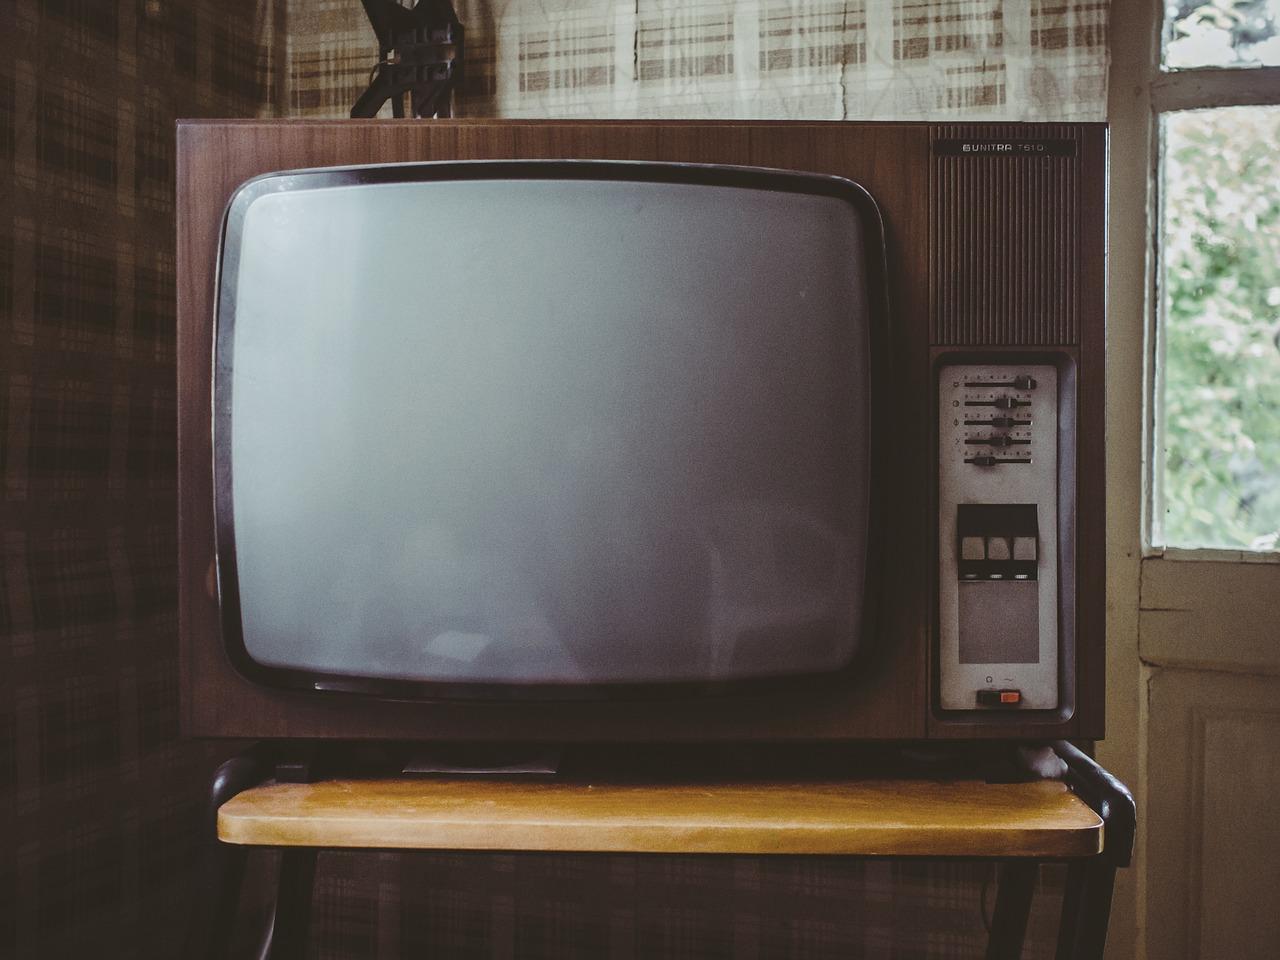 テレビを見たくて仕方なかった頃